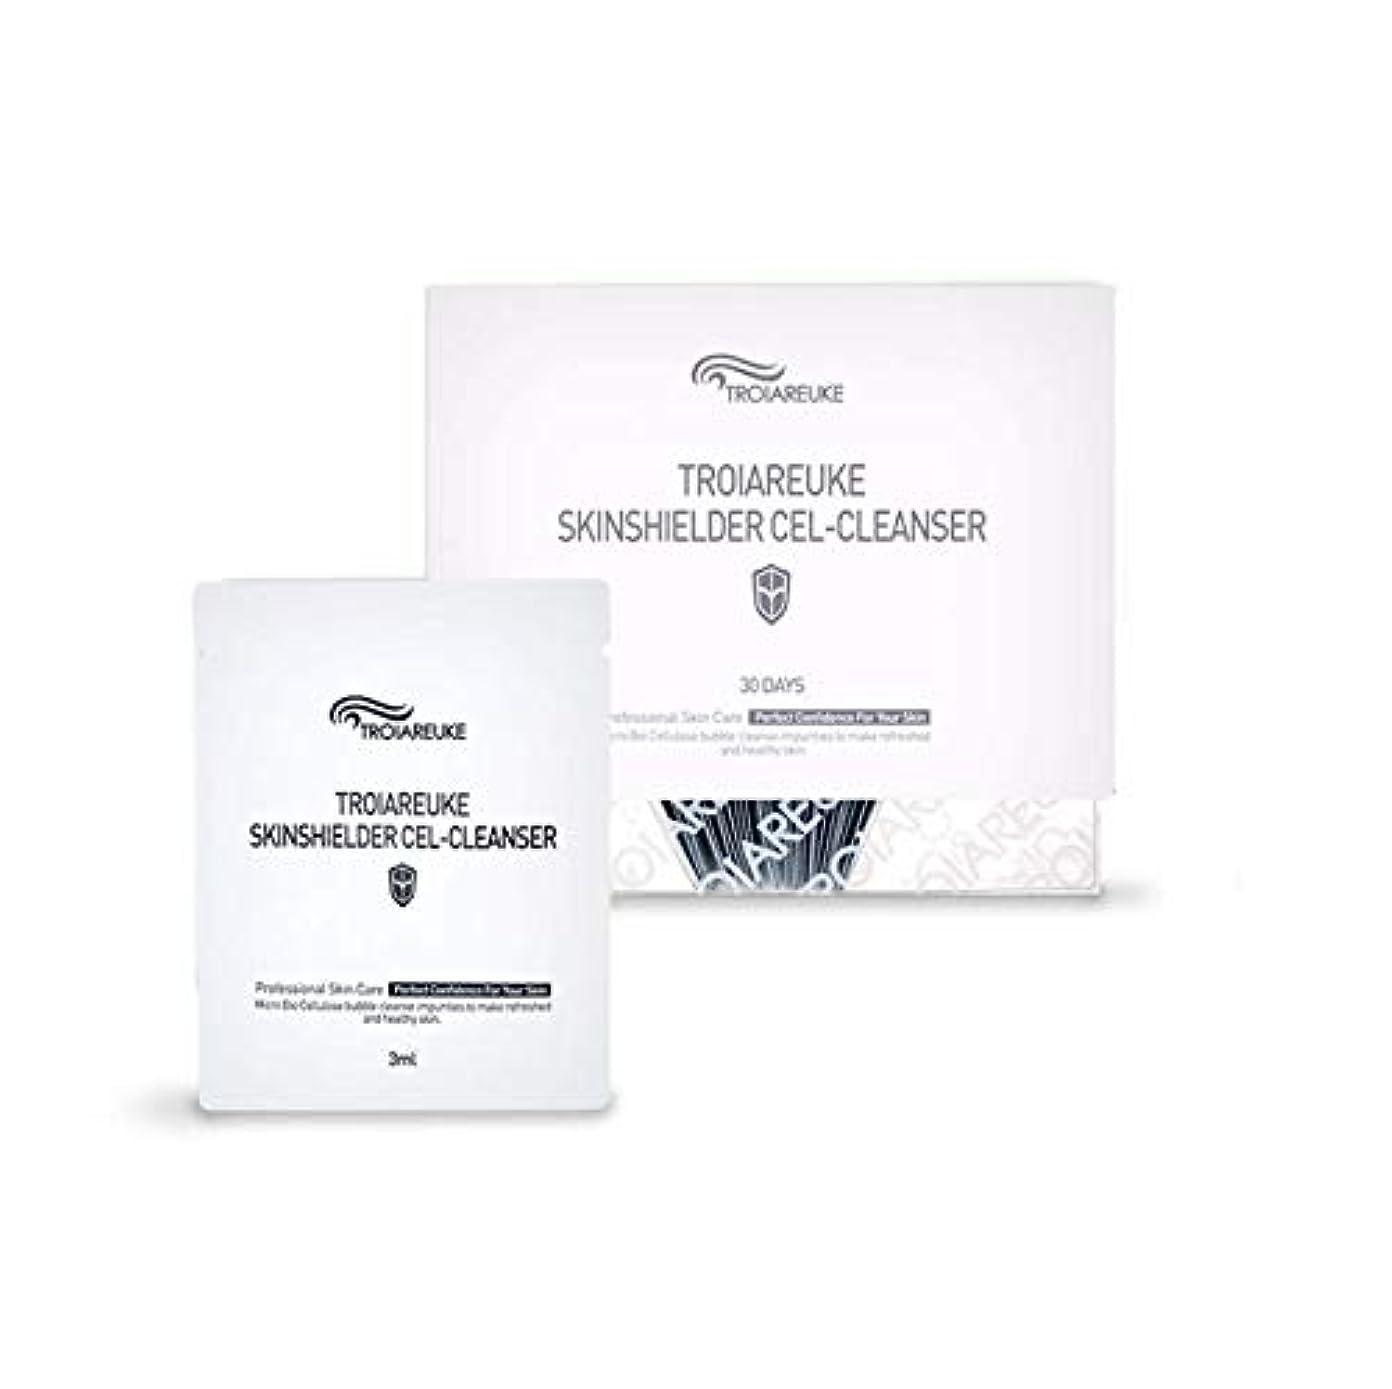 報告書呼ぶ委任するTROIAREUKE (トロイアルケ) スキン シールダー セル クレンザー  / Skinshielder Cel Cleanser (30ea) [並行輸入品]